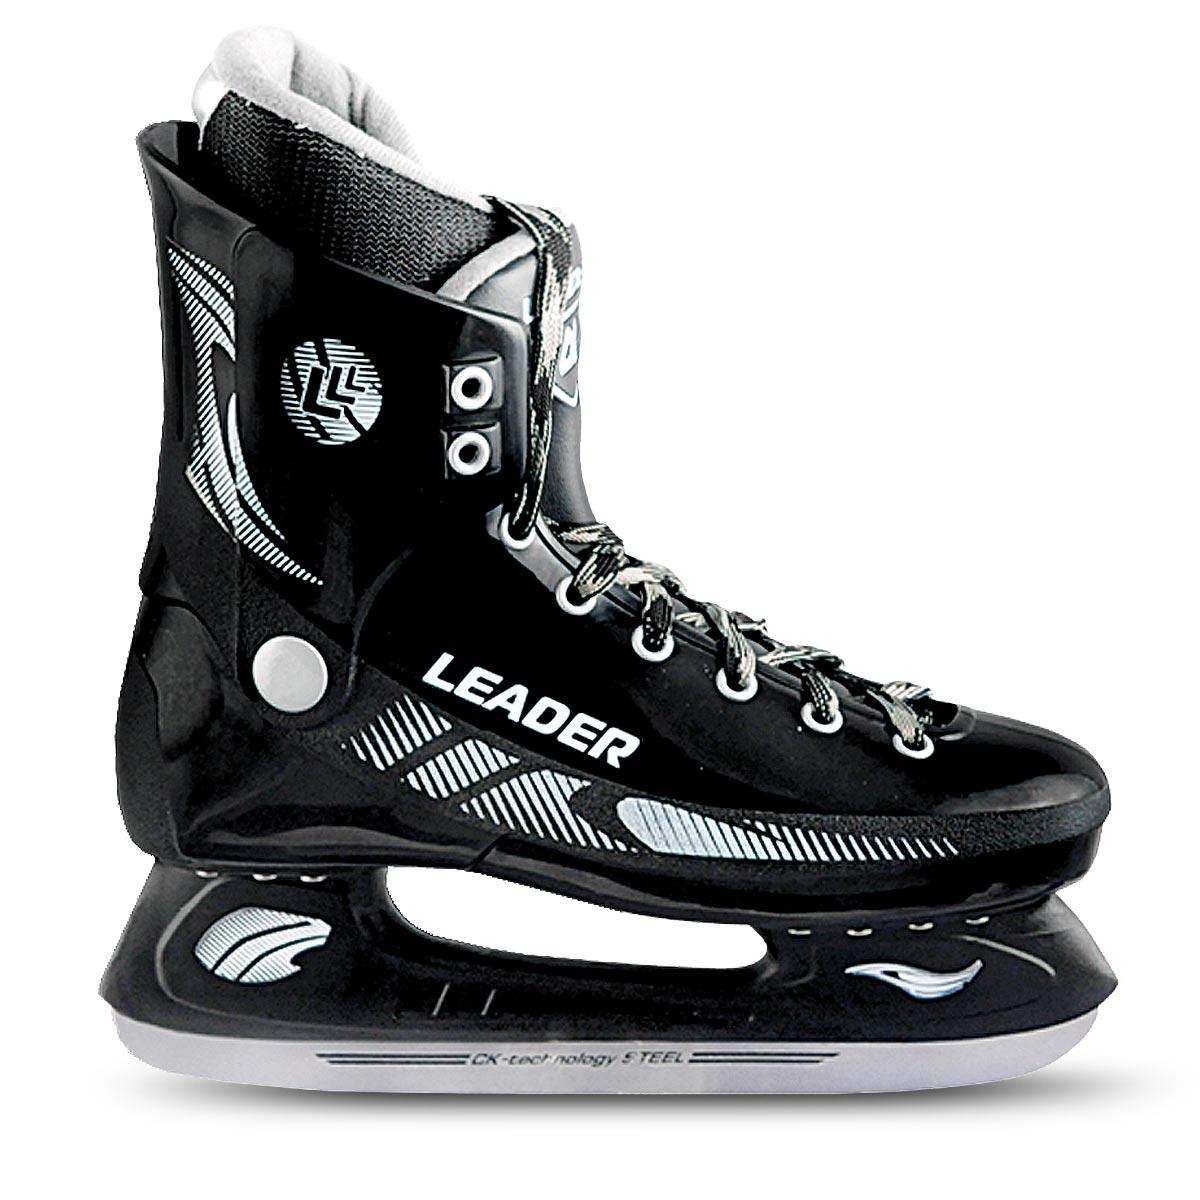 Коньки хоккейные для мальчика LeaderLEADERСтильные коньки для мальчика от CK Leader с ударопрочной защитной конструкцией прекрасно подойдут для начинающих игроков в хоккей. Ботинки изготовлены из морозостойкого пластика, который защитит ноги от ударов. Верх изделия оформлен шнуровкой, которая надежно фиксируют голеностоп. Внутренний сапожок, выполненный из комбинации капровелюра и искусственной кожи, обеспечит тепло и комфорт во время катания. Подкладка и стелька исполнены из текстиля. Голеностоп имеет удобный суппорт. Усиленная двух-стаканная рама с одной из боковых сторон коньки декорирована принтом, а на язычке - тиснением в виде логотипа бренда. Подошва - из твердого ПВХ. Фигурное лезвие изготовлено из нержавеющей углеродистой стали со специальным покрытием, придающим дополнительную прочность. Стильные коньки придутся по душе вашему ребенку.